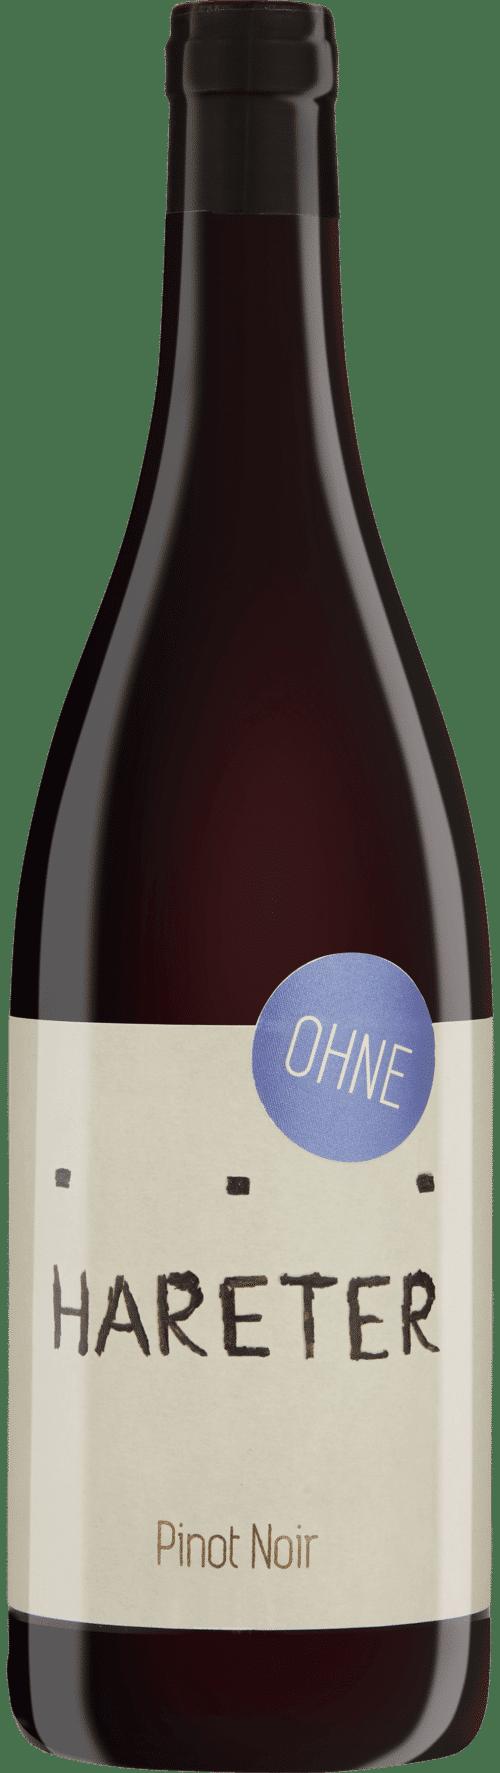 Pinot Noir ohne - Weingut Hareter Thomas